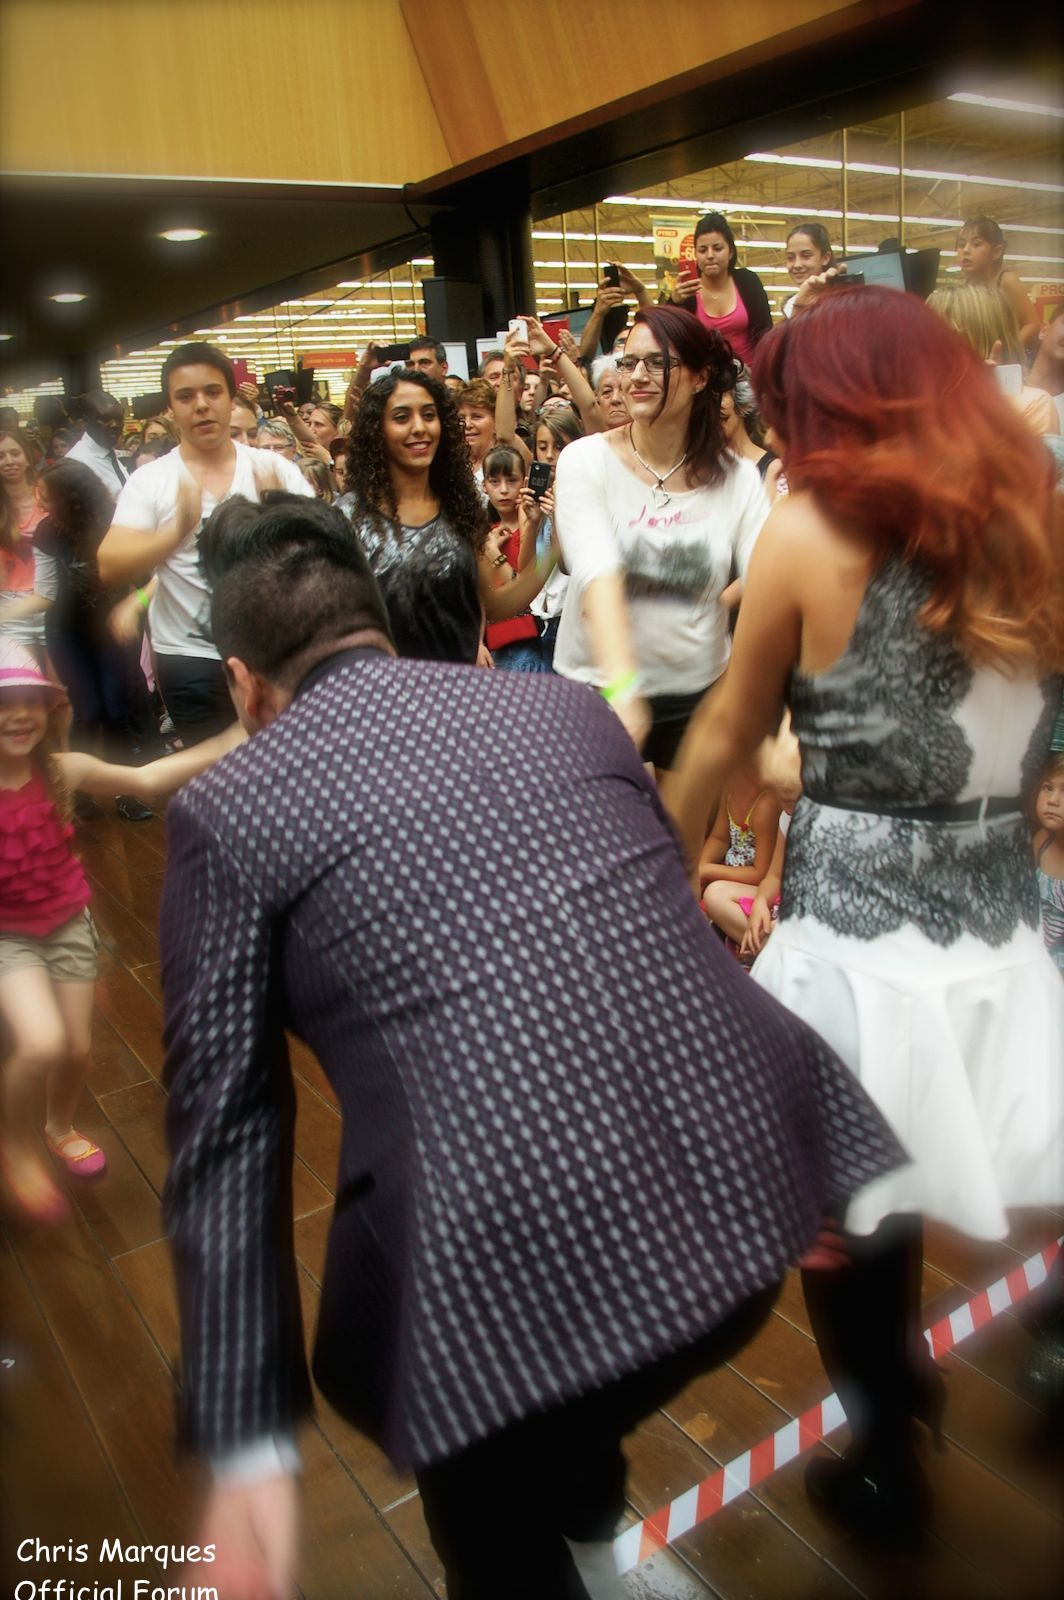 [14.06.2014] Evénement à #Colmar Chris Marques et Jaclyn Spencer pour un Flashmob/Cours de Danse/Dédicaces exceptionnels le tout organisé par la MJC de Colmar 1312